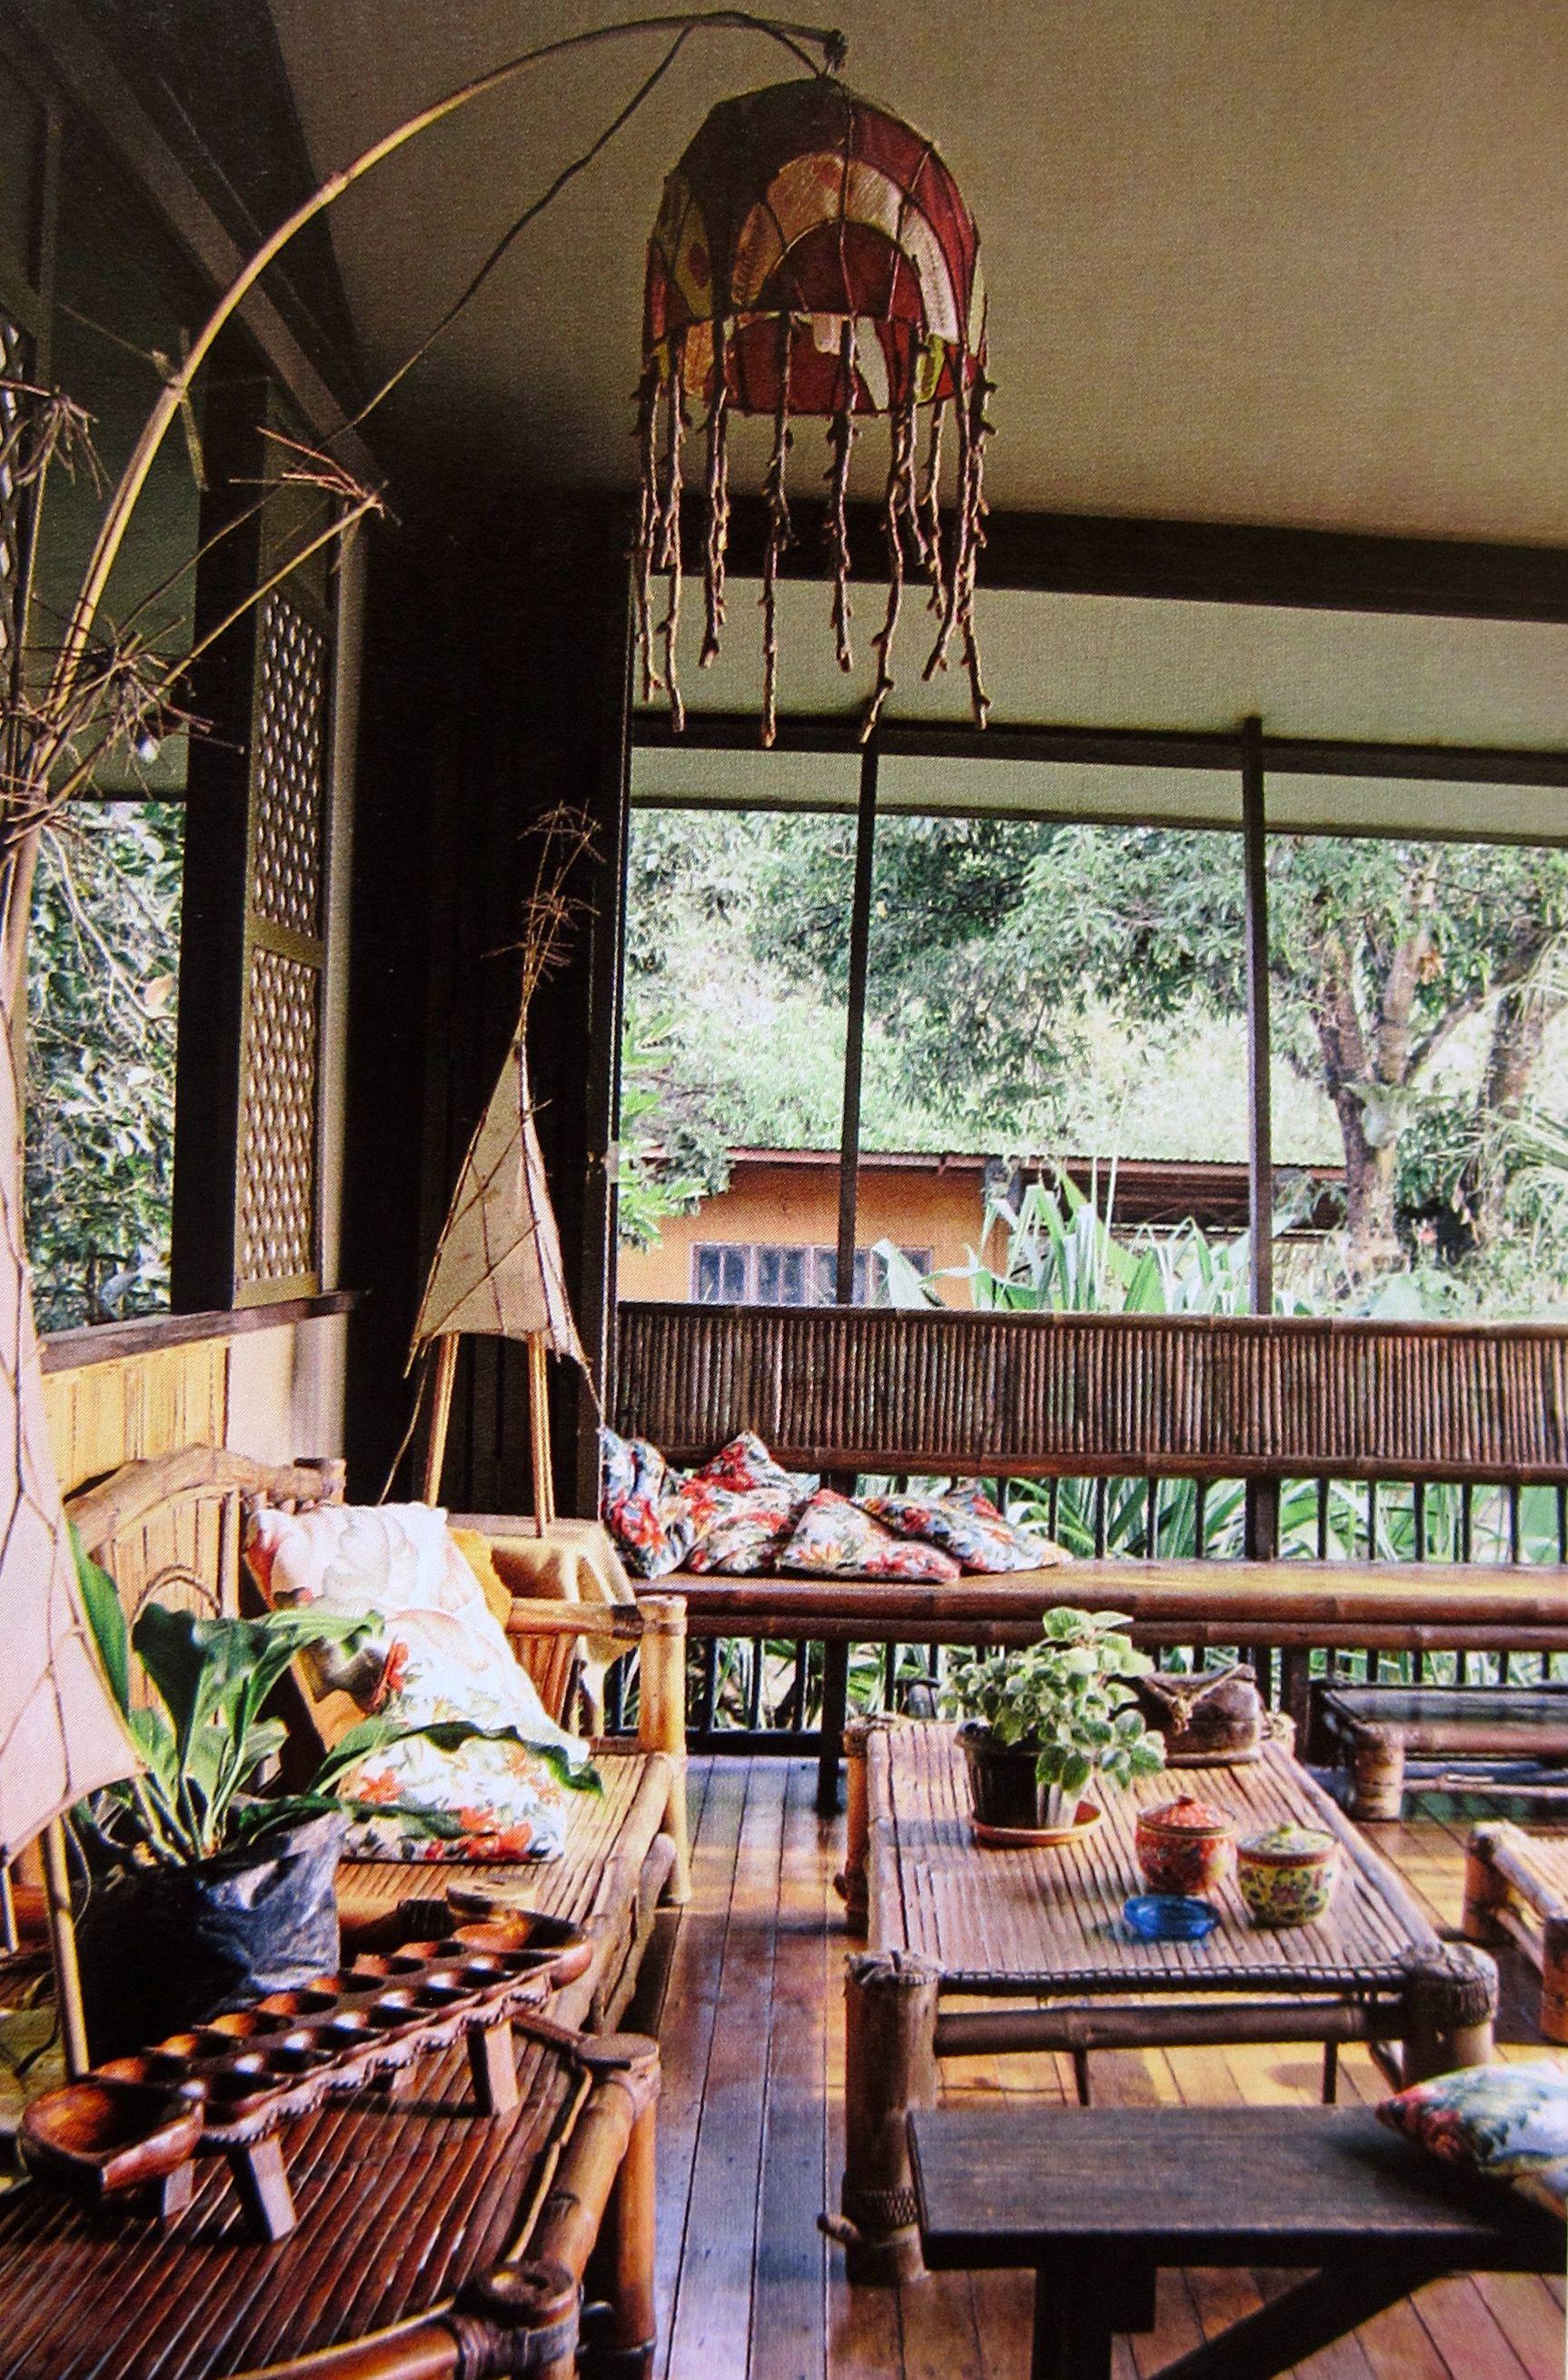 Bahay Kubo My Dream Veranda With Sungkaan Filipino Interior Design Bamboo House Design Filipino House